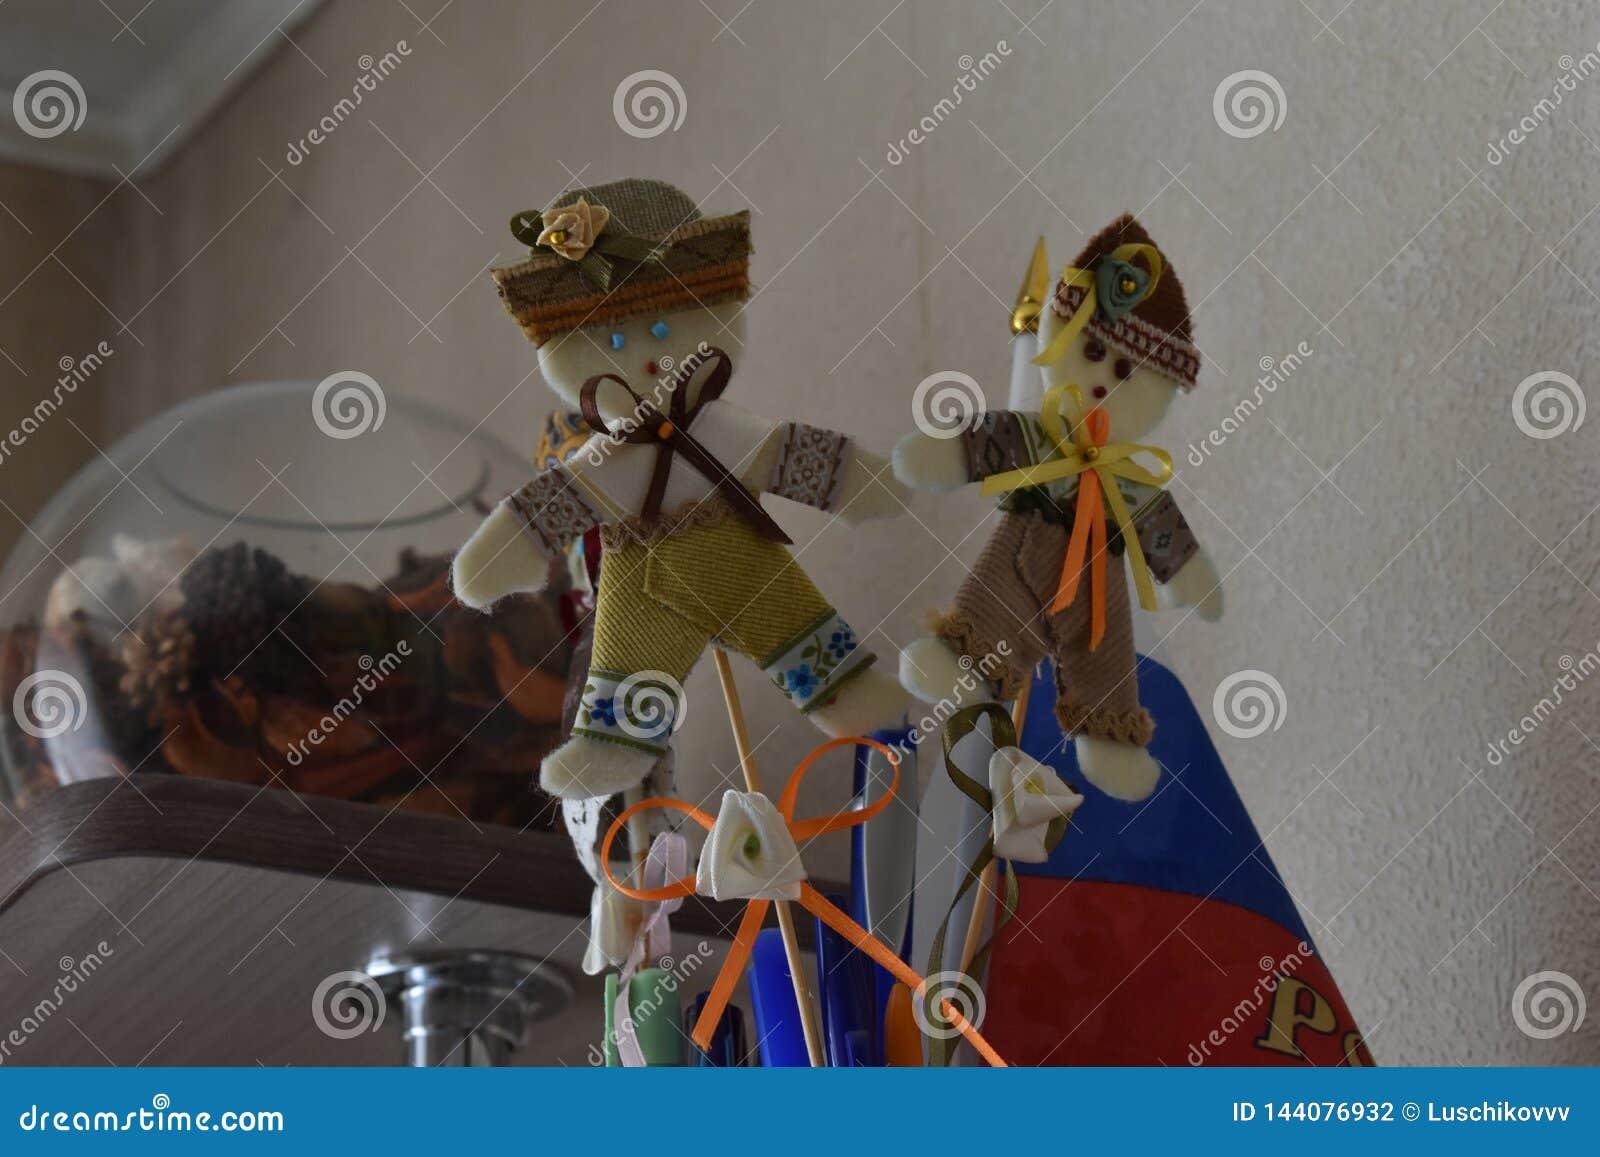 Ronde dans - volksvoddenpop met zijn handen